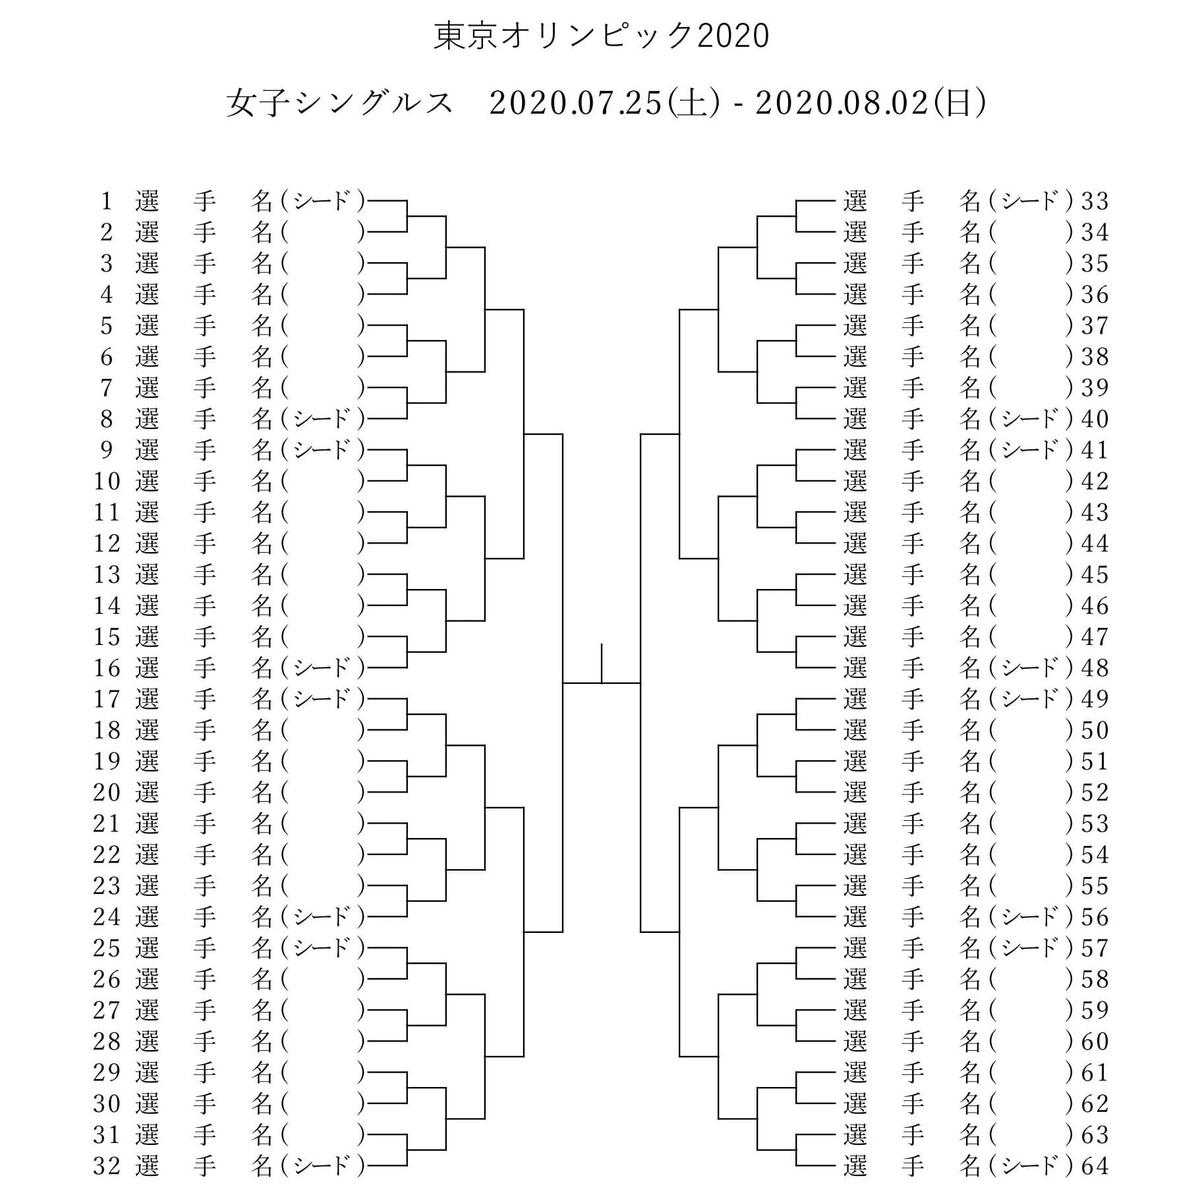 東京オリンピック・テニス 2020の女子トーナメント表